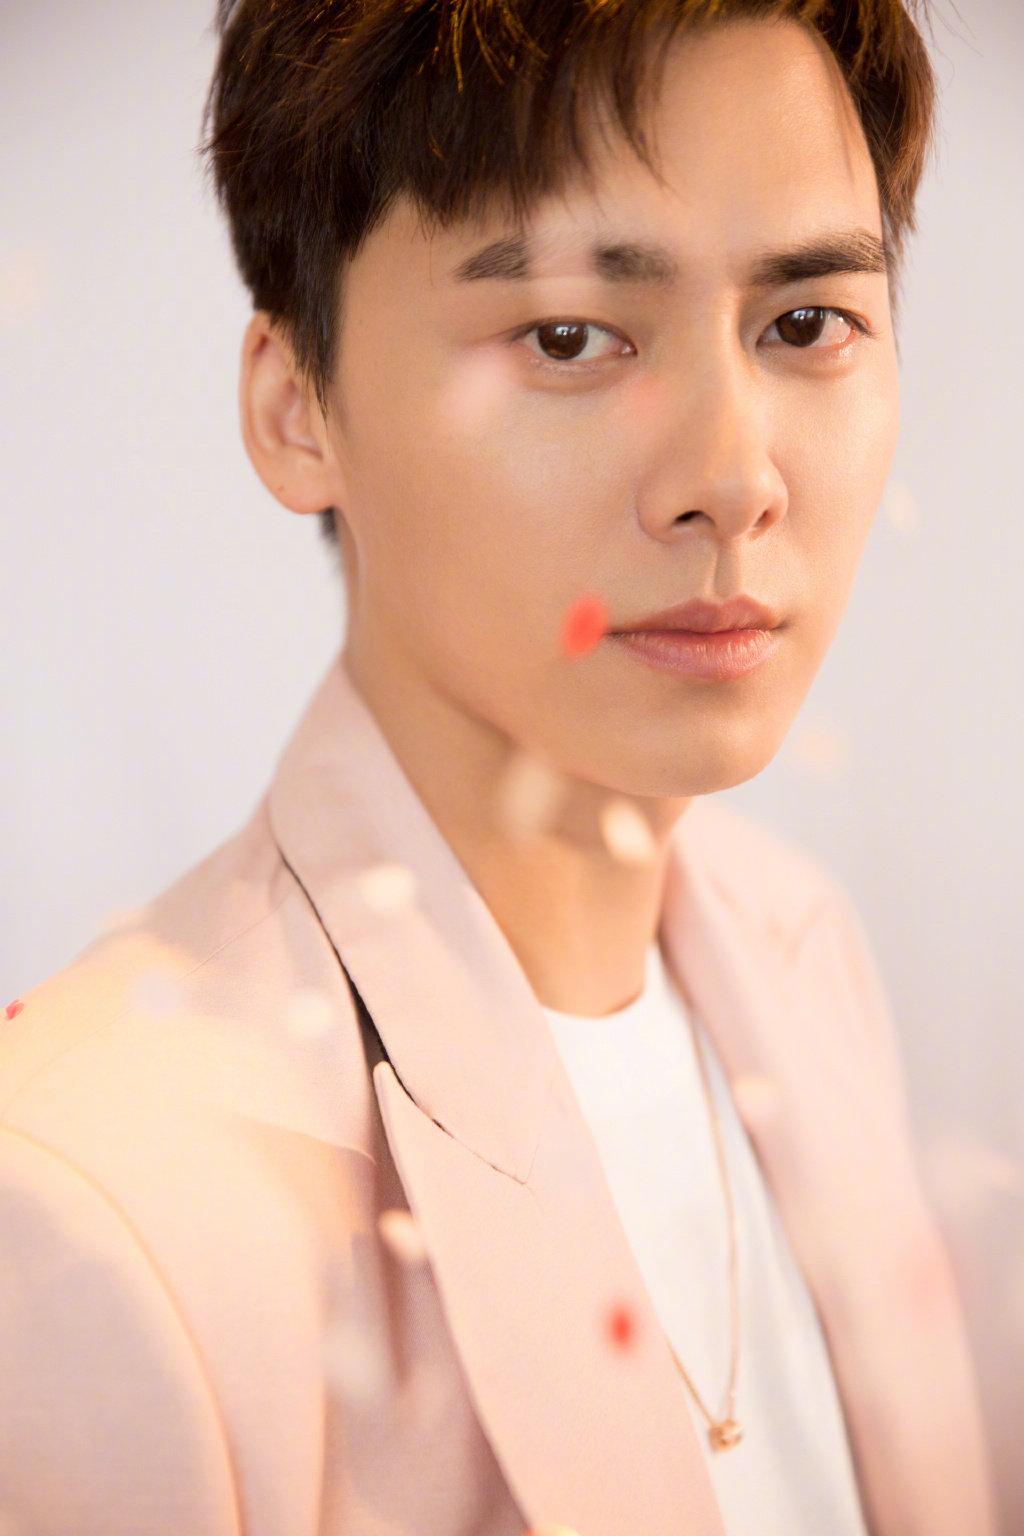 李易峰白衬衫配西裤,樱花粉的风衣,变身俊逸简洁的男友。